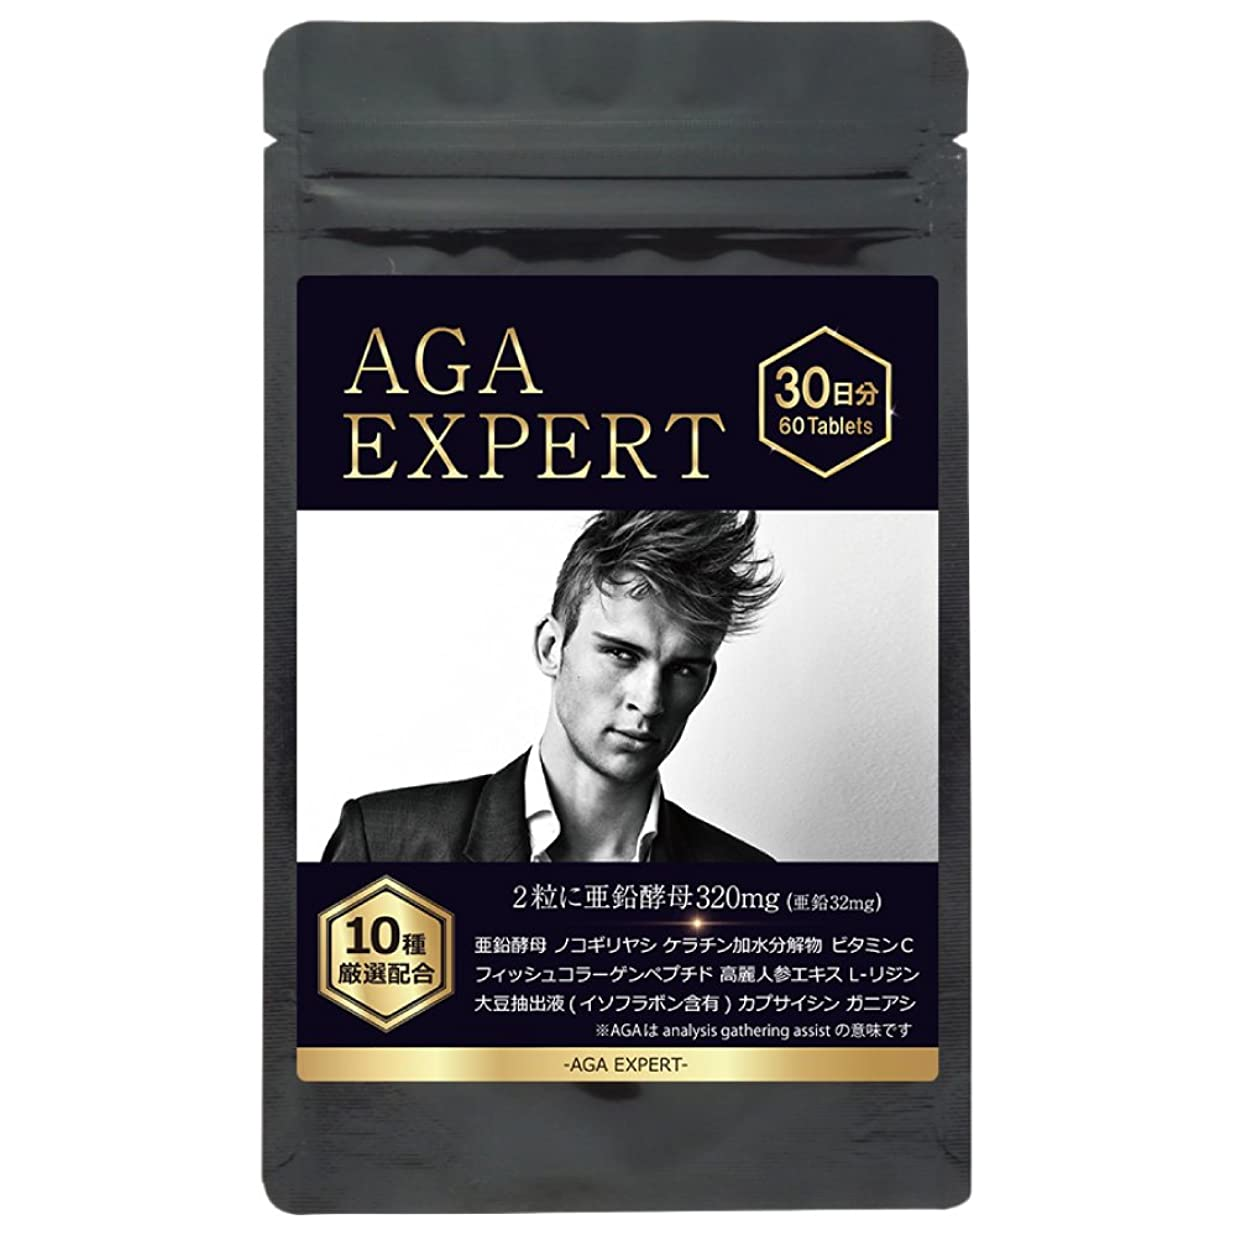 スパイひどく突っ込むAGAエキスパート 亜鉛高含有 ノコギリヤシ コラーゲン サプリメント 全10種類 60粒 30日分 メンズ 1袋